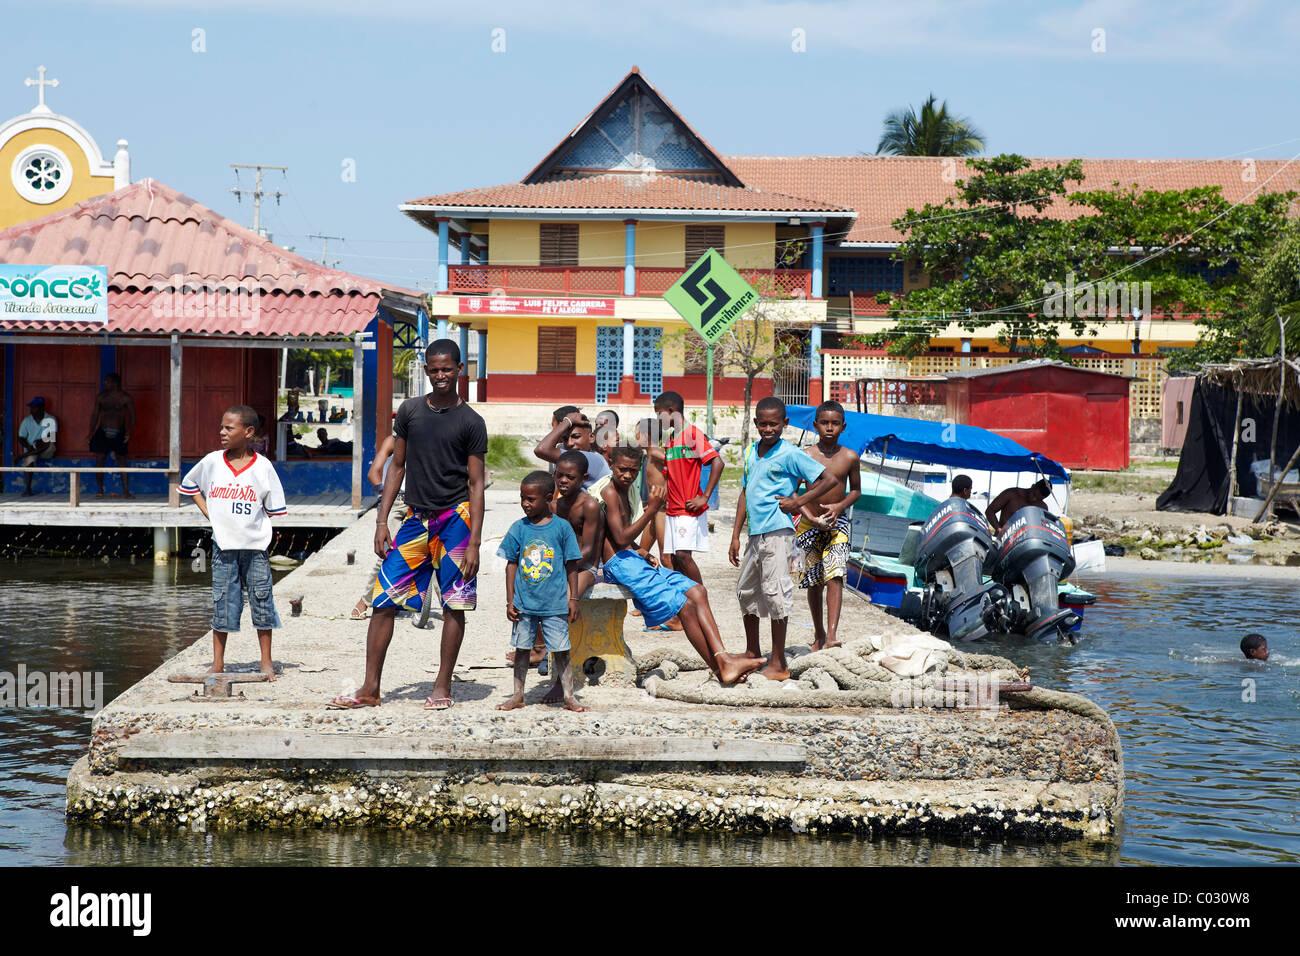 Bambini colombiani sul molo, Baru Isola, Colombia Immagini Stock